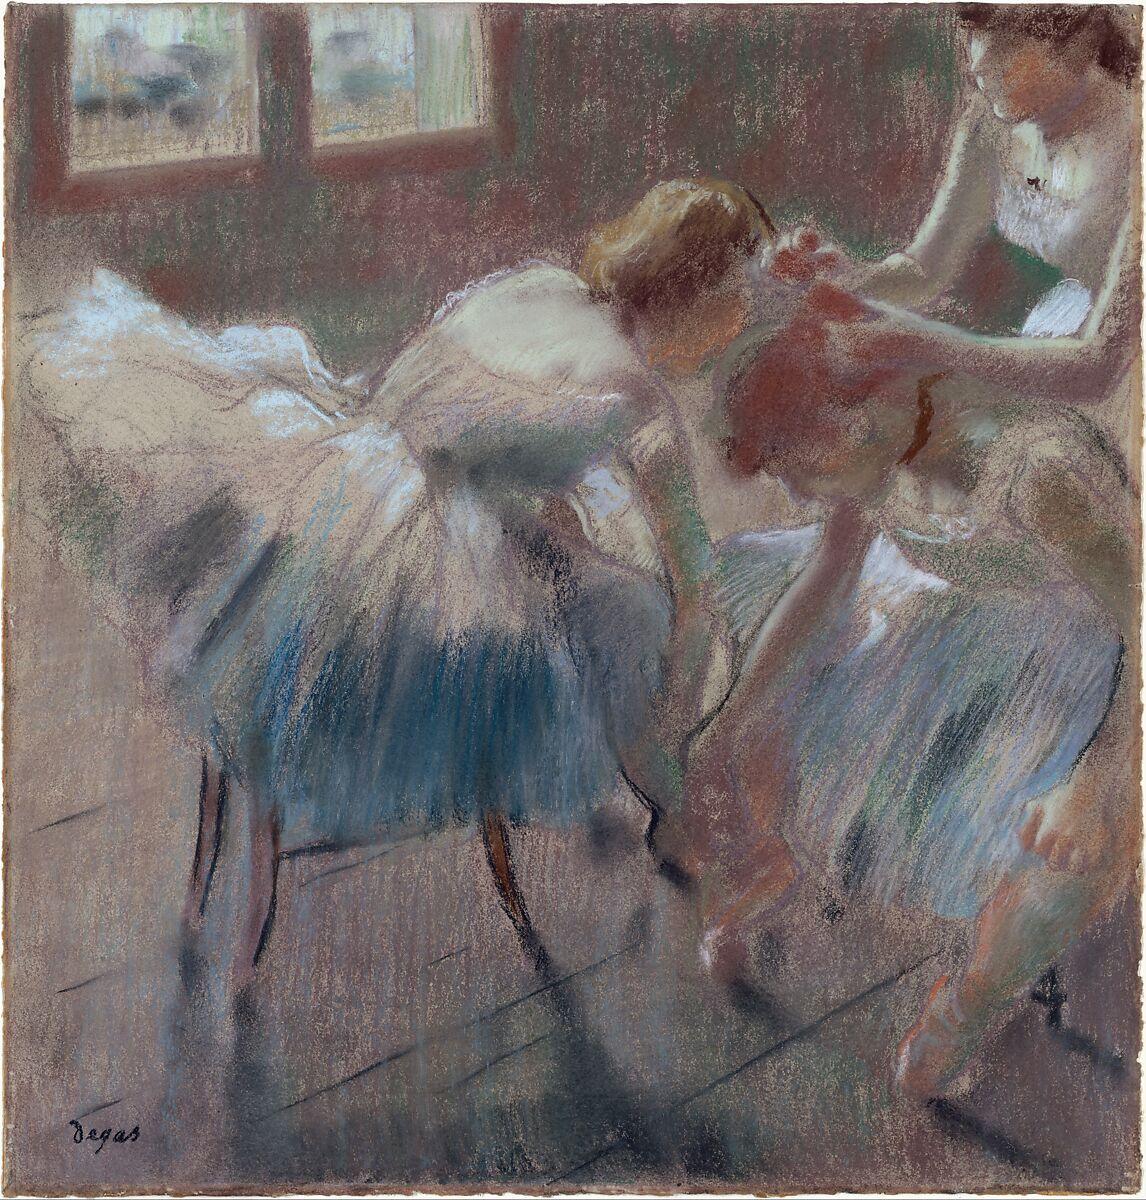 クラスの準備をする3人のダンサー、エドガードガ(フランス、パリ1834〜1917年パリ)、バフ色の織り紙にパステル